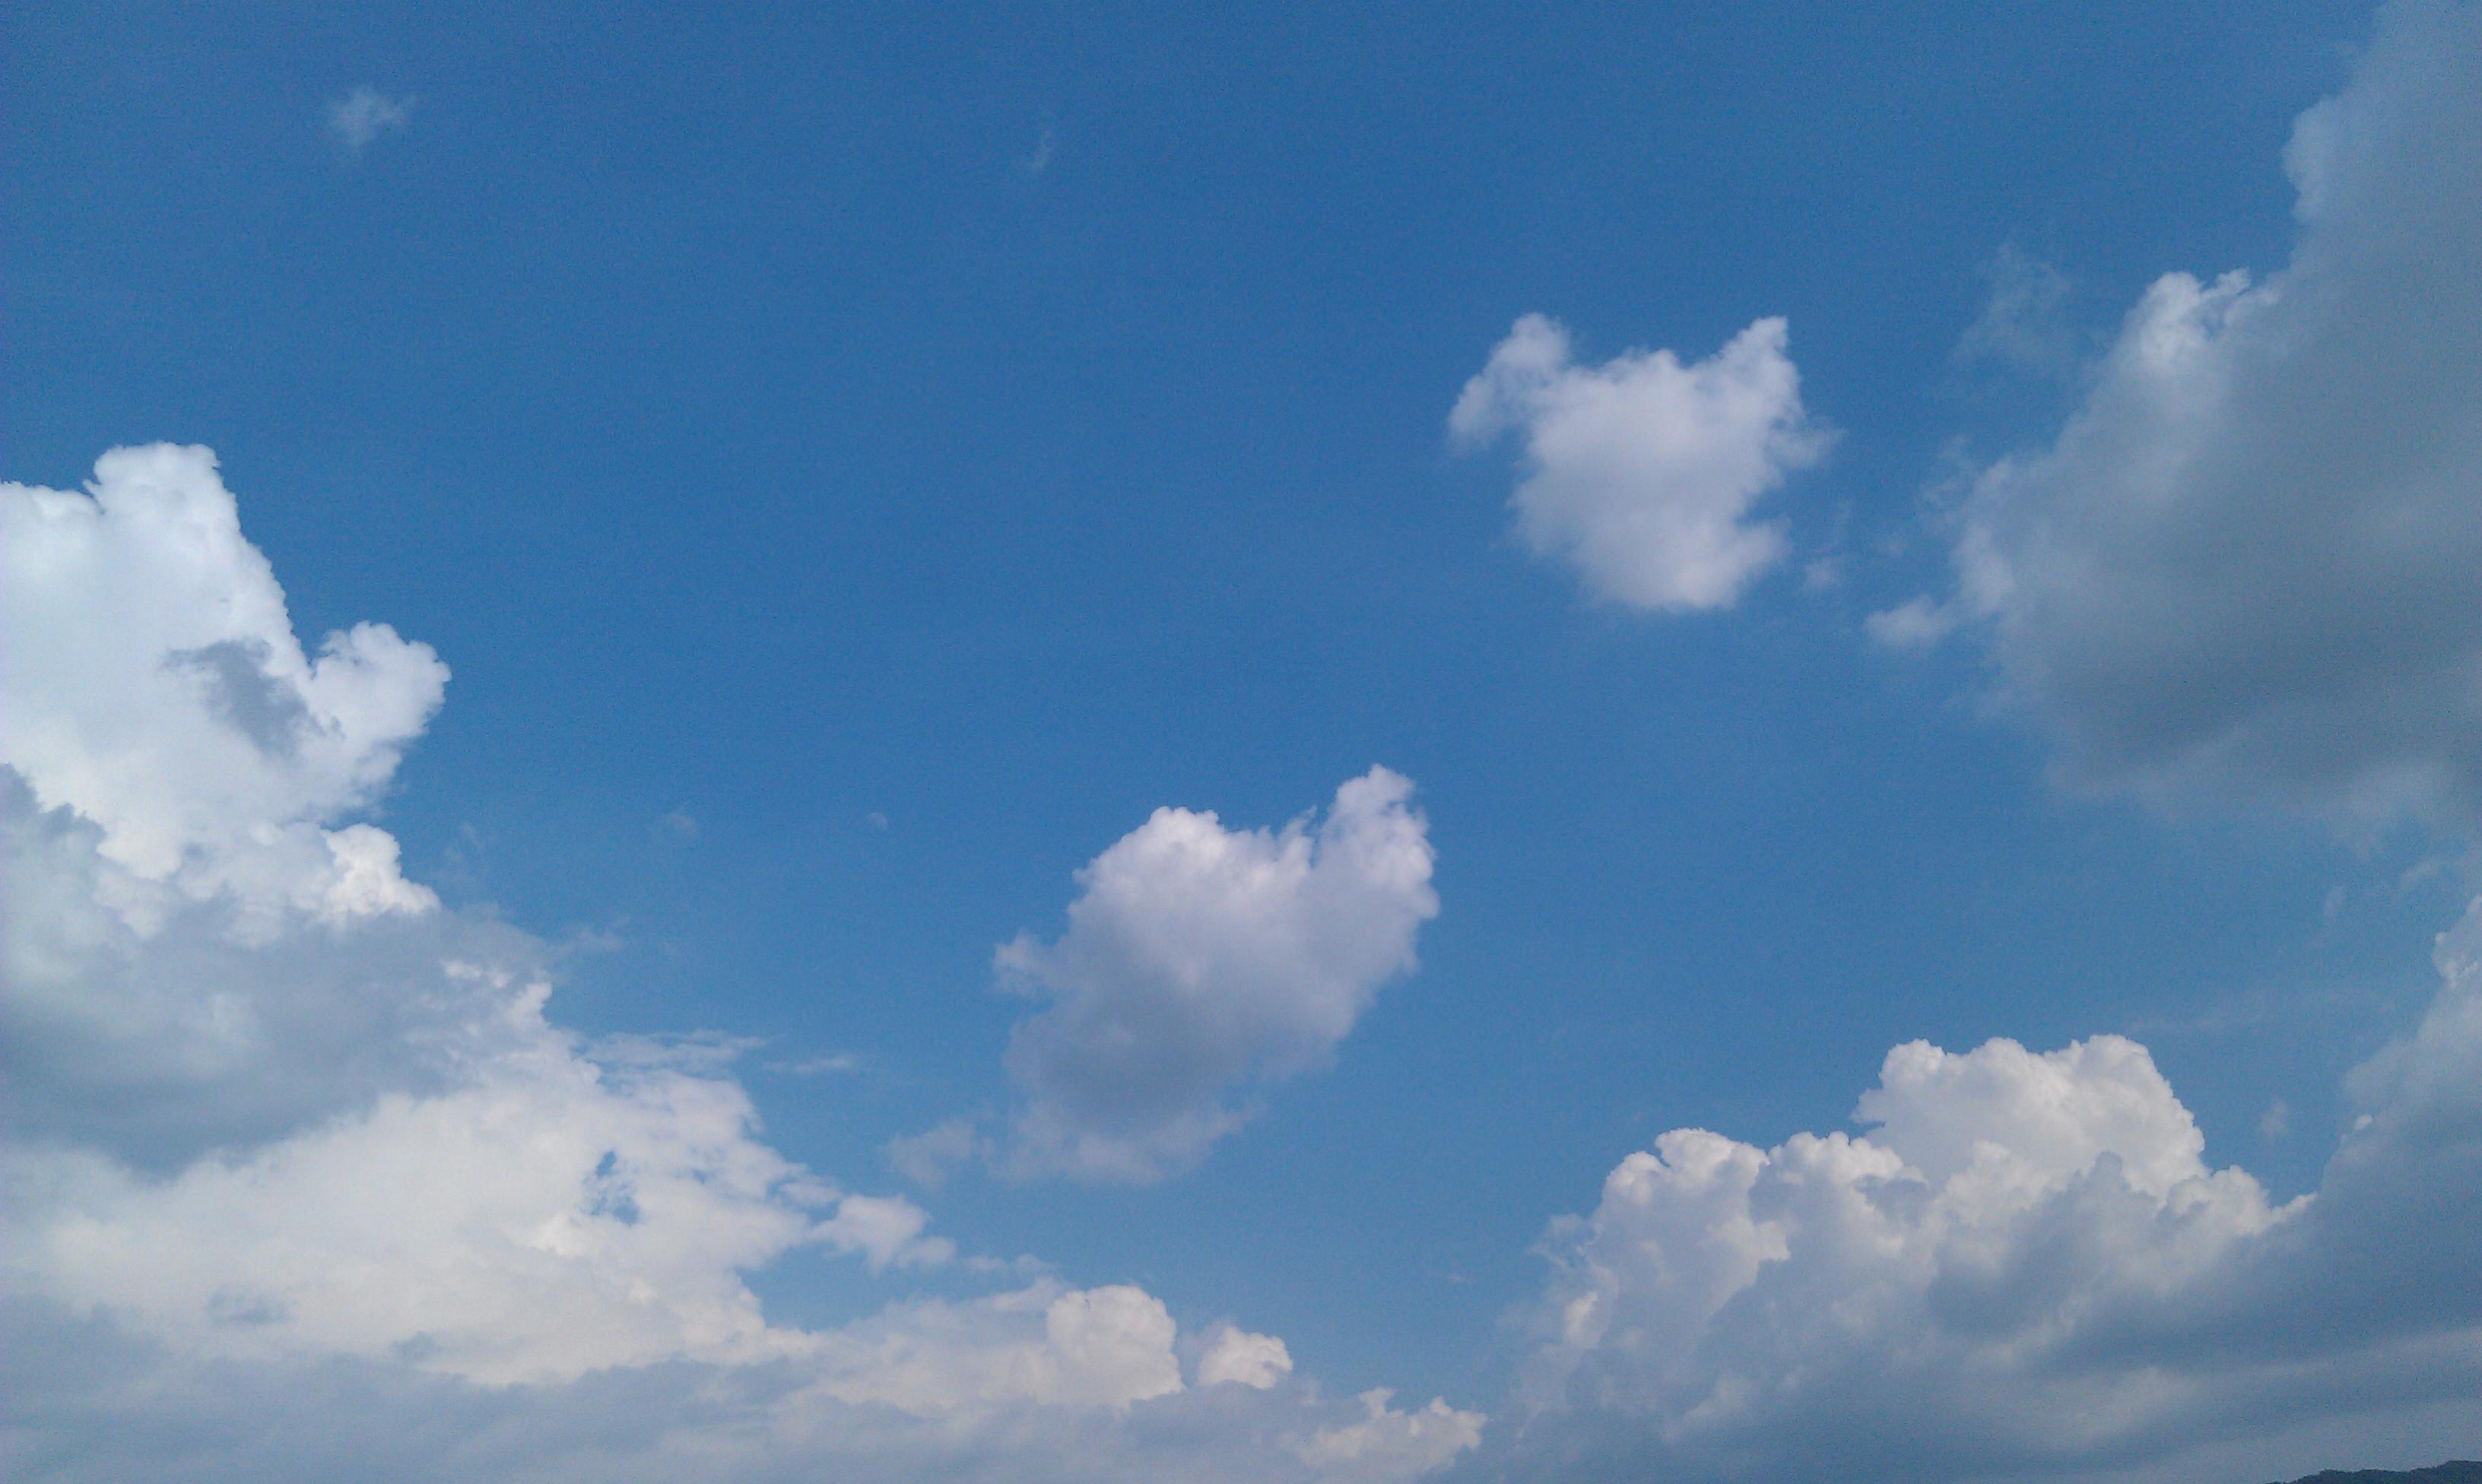 四十五度角仰望天空